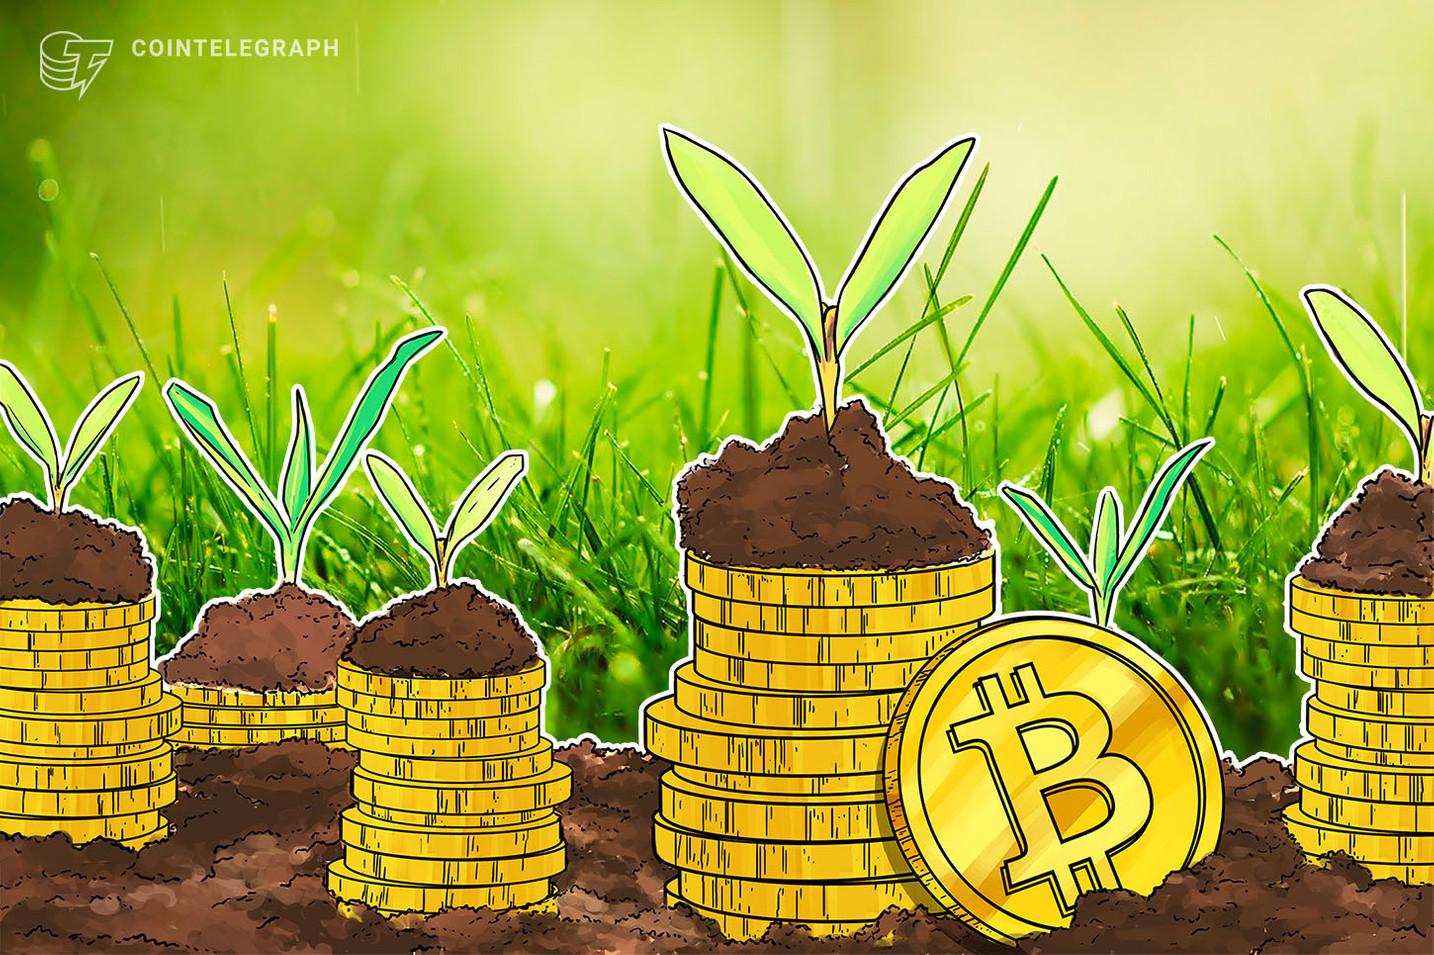 L'83% degli investitori statunitensi sarebbe disposto ad acquistare Bitcoin, svela un sondaggio